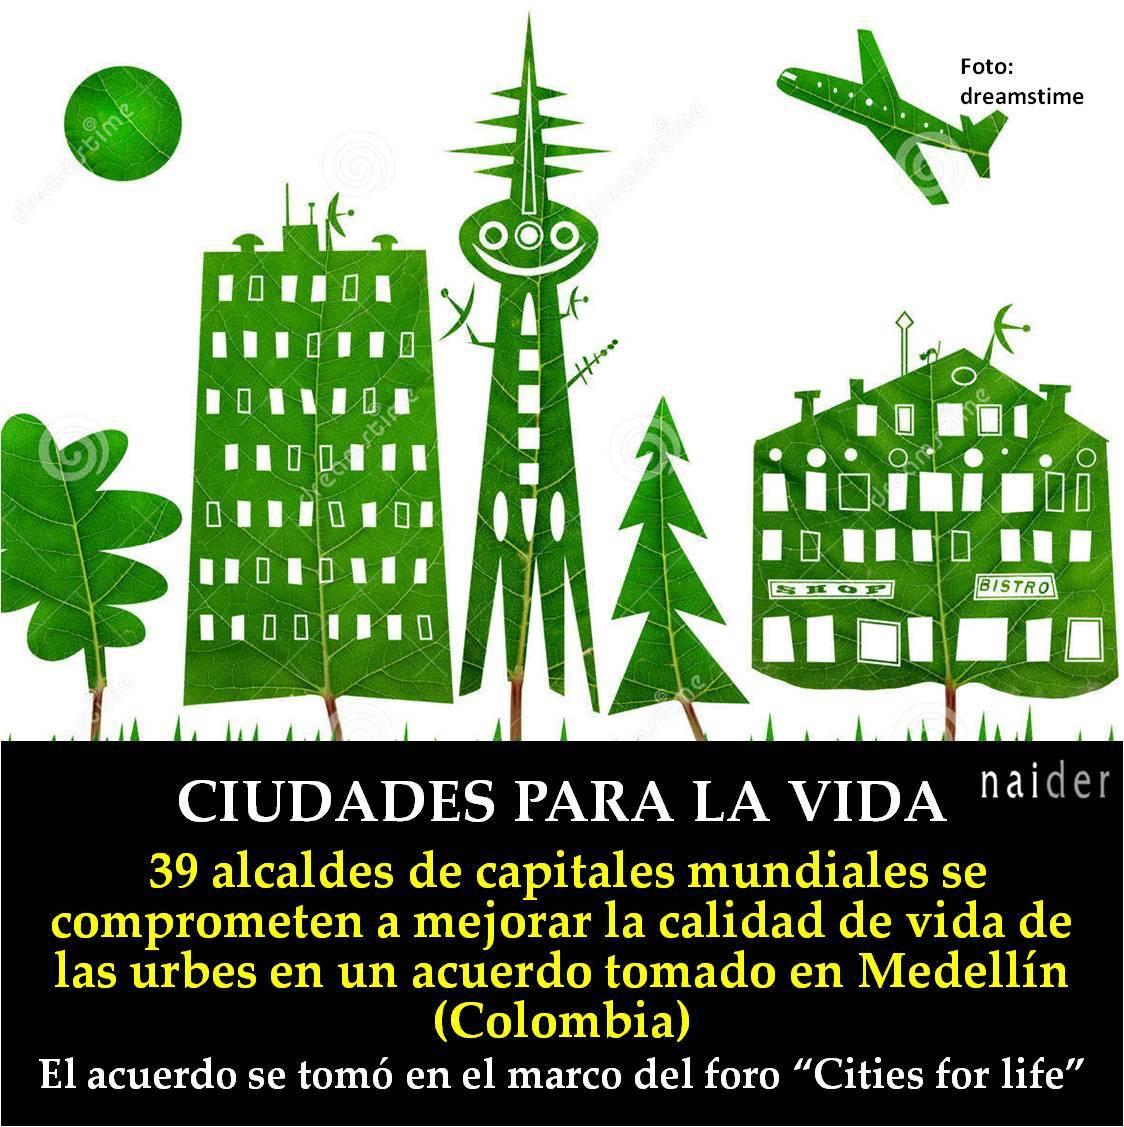 Ciudades para la vida